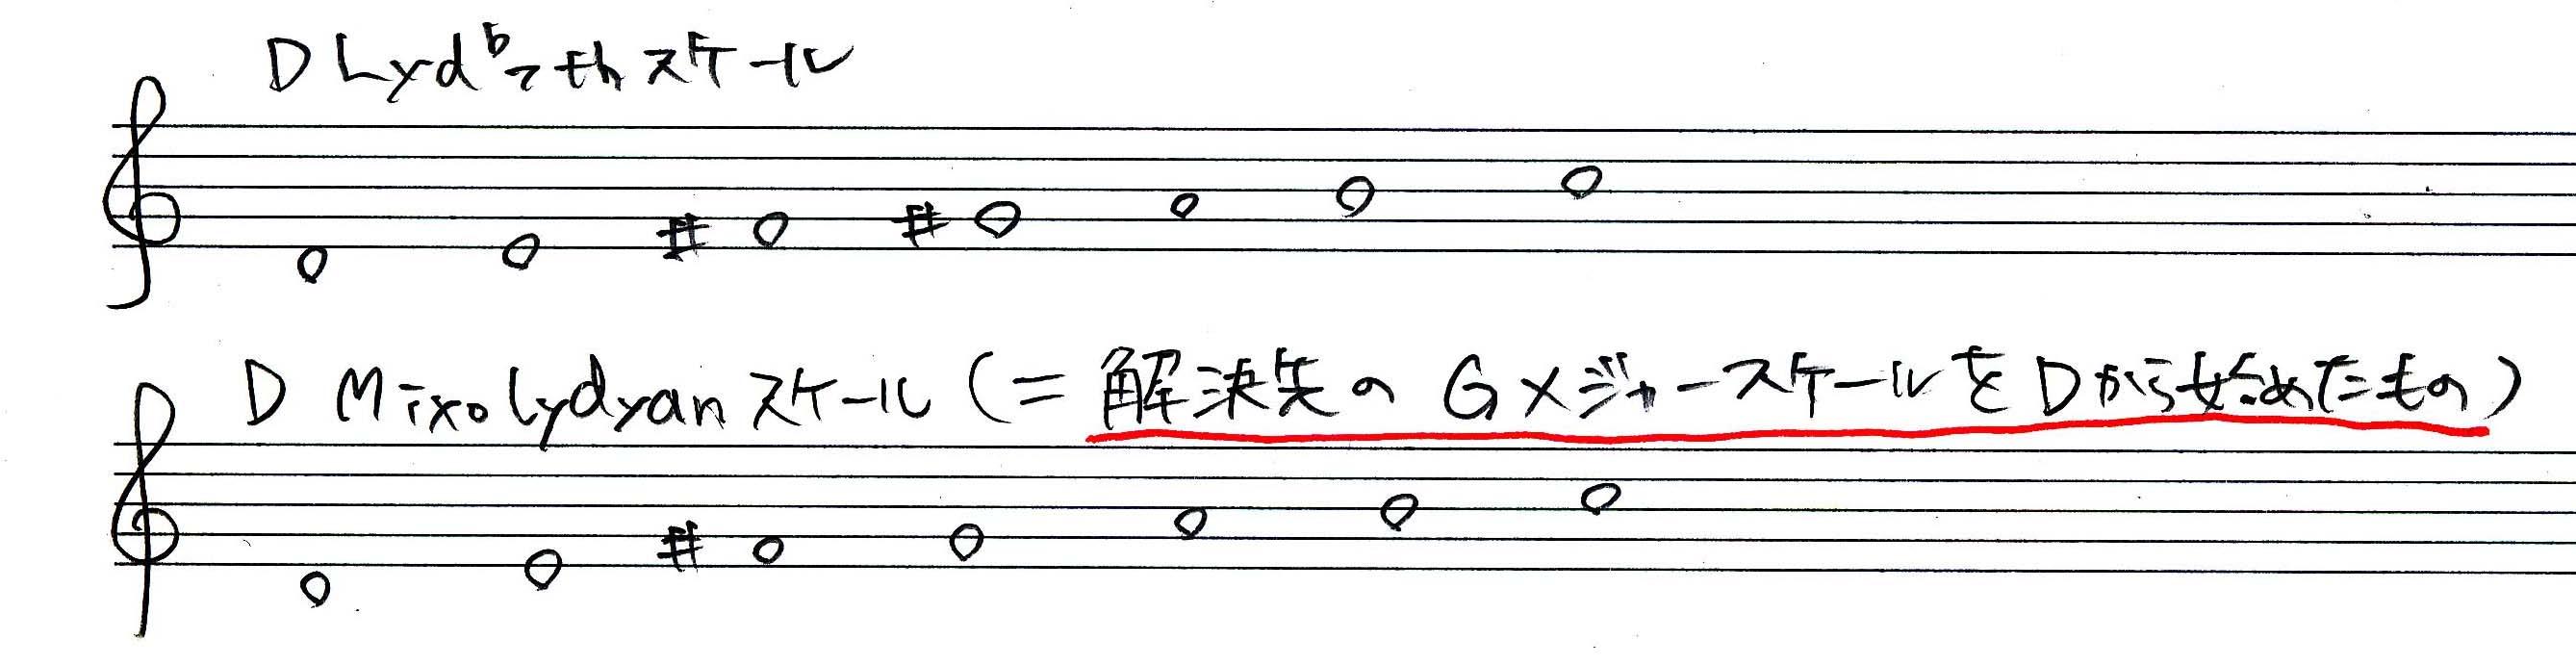 d-lydb7